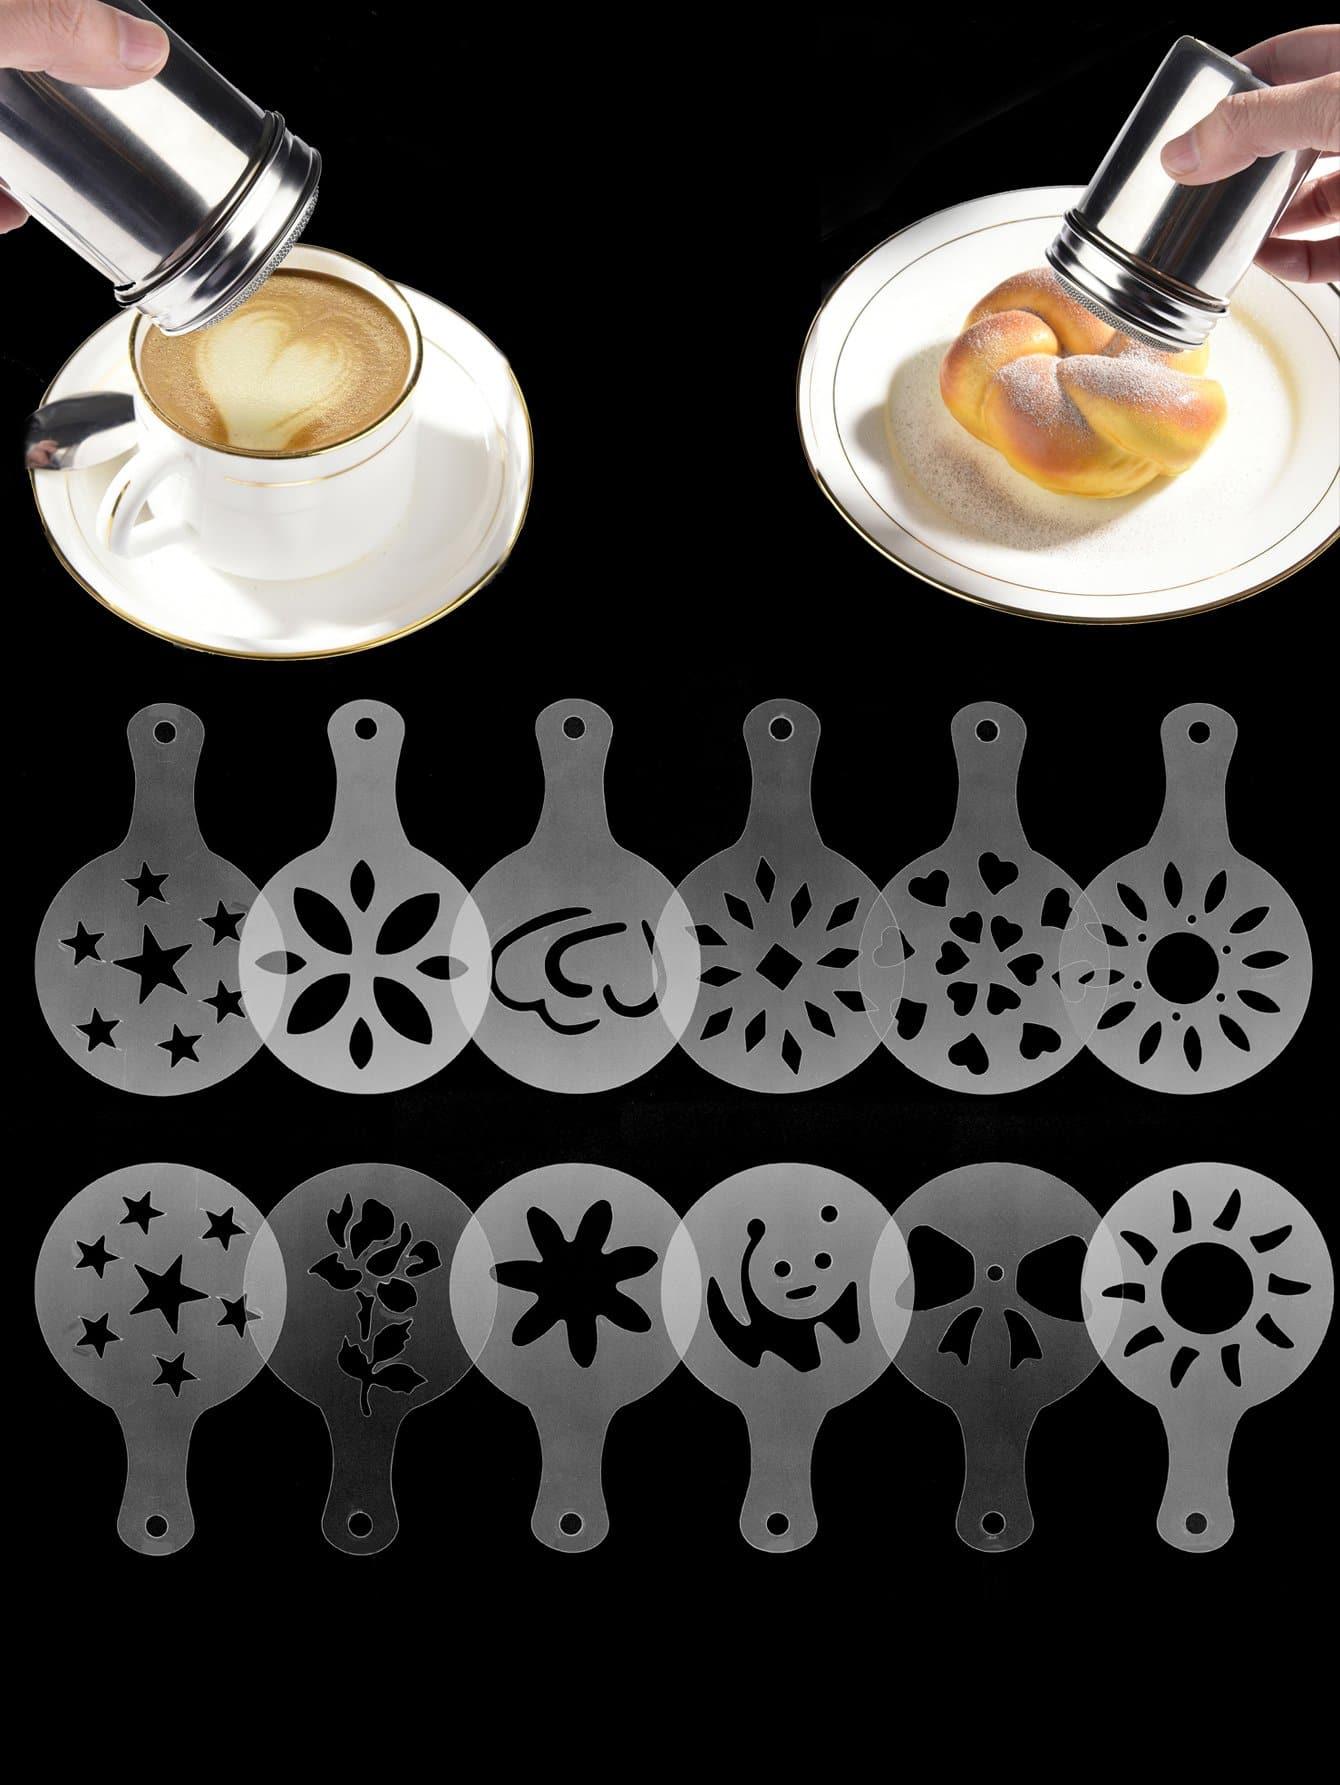 Купить Формовка для кофе 12 шт с с порошковой банкой, null, SheIn